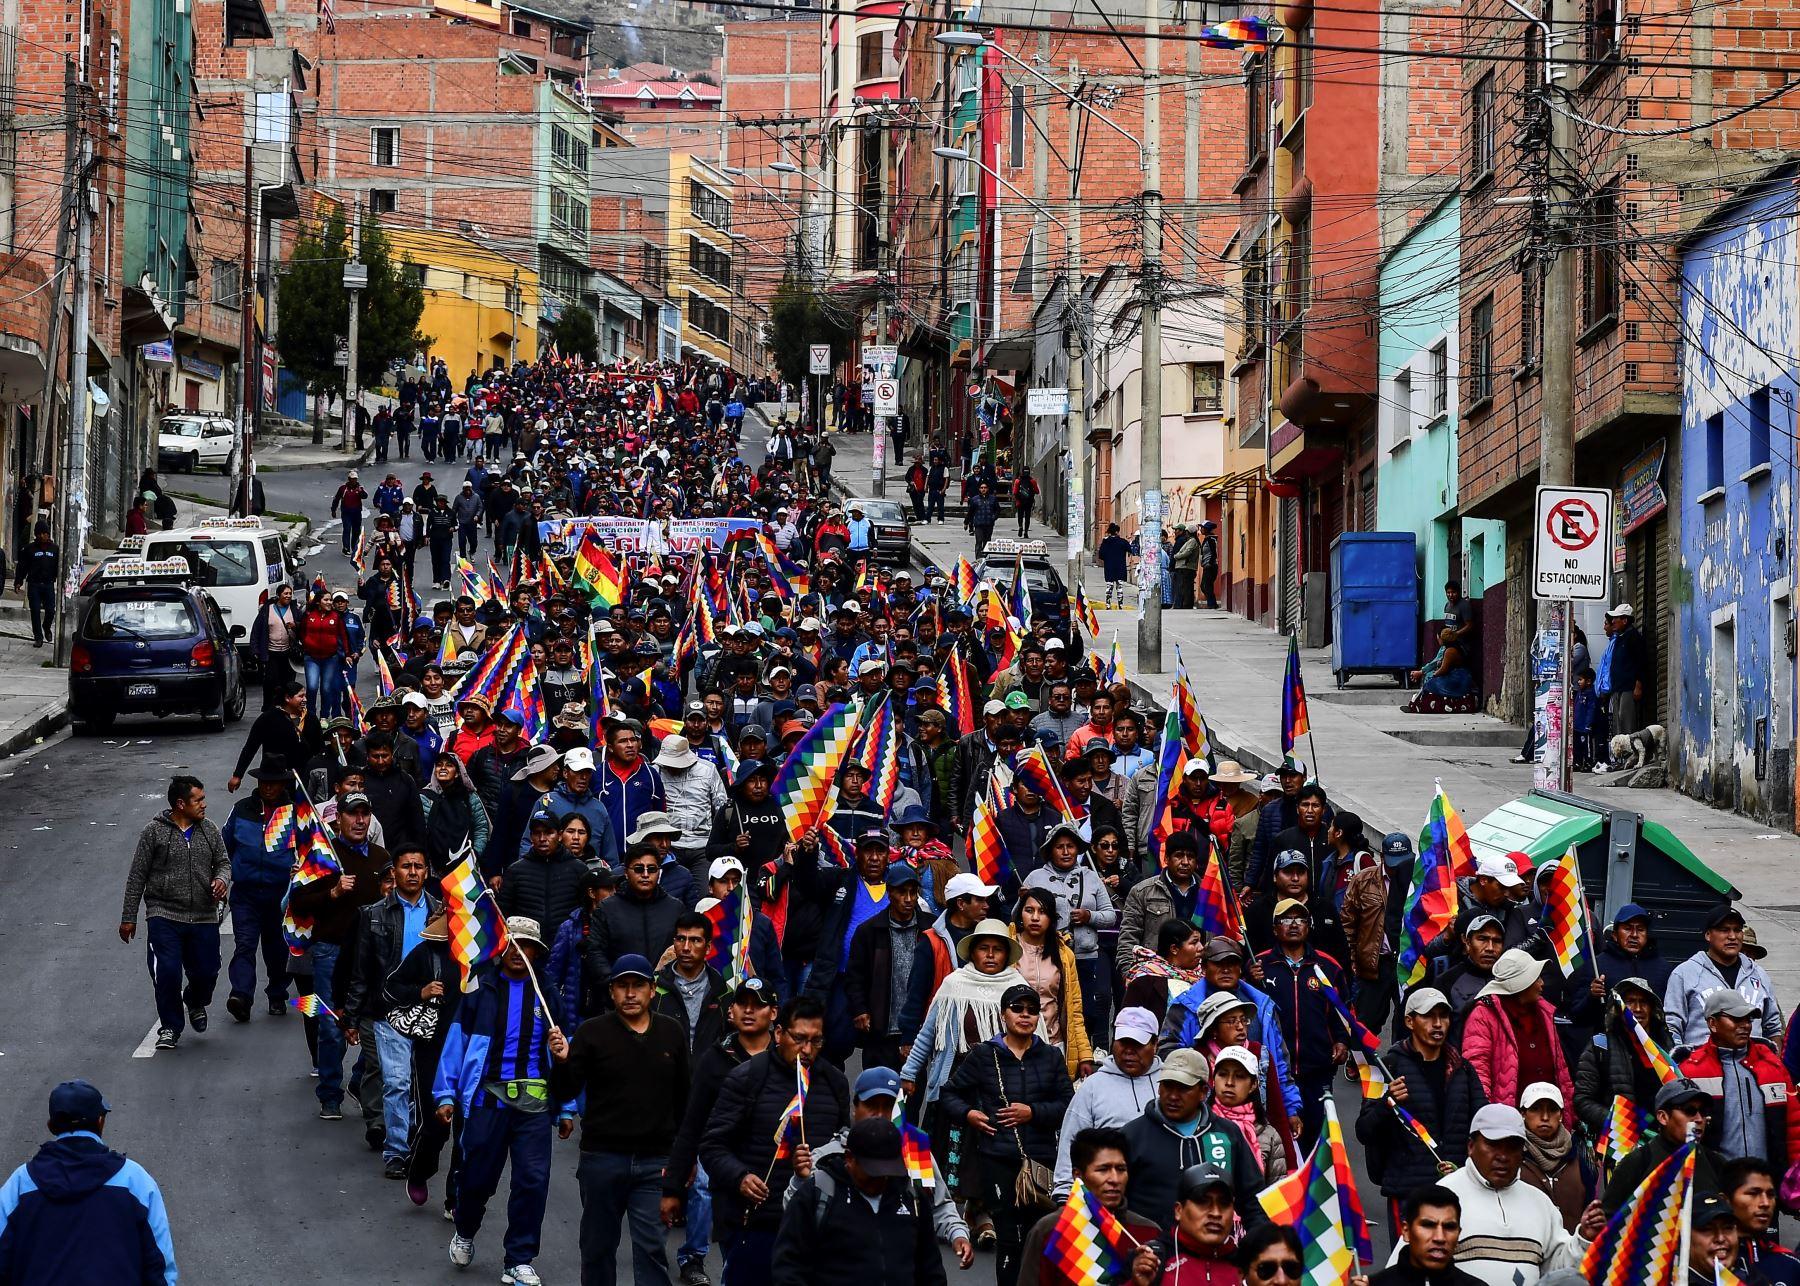 Los partidarios del ex presidente boliviano Evo Morales  ,marchan desde El Alto hacia  La Paz  en apoyo al ex presidente. Foto: AFP